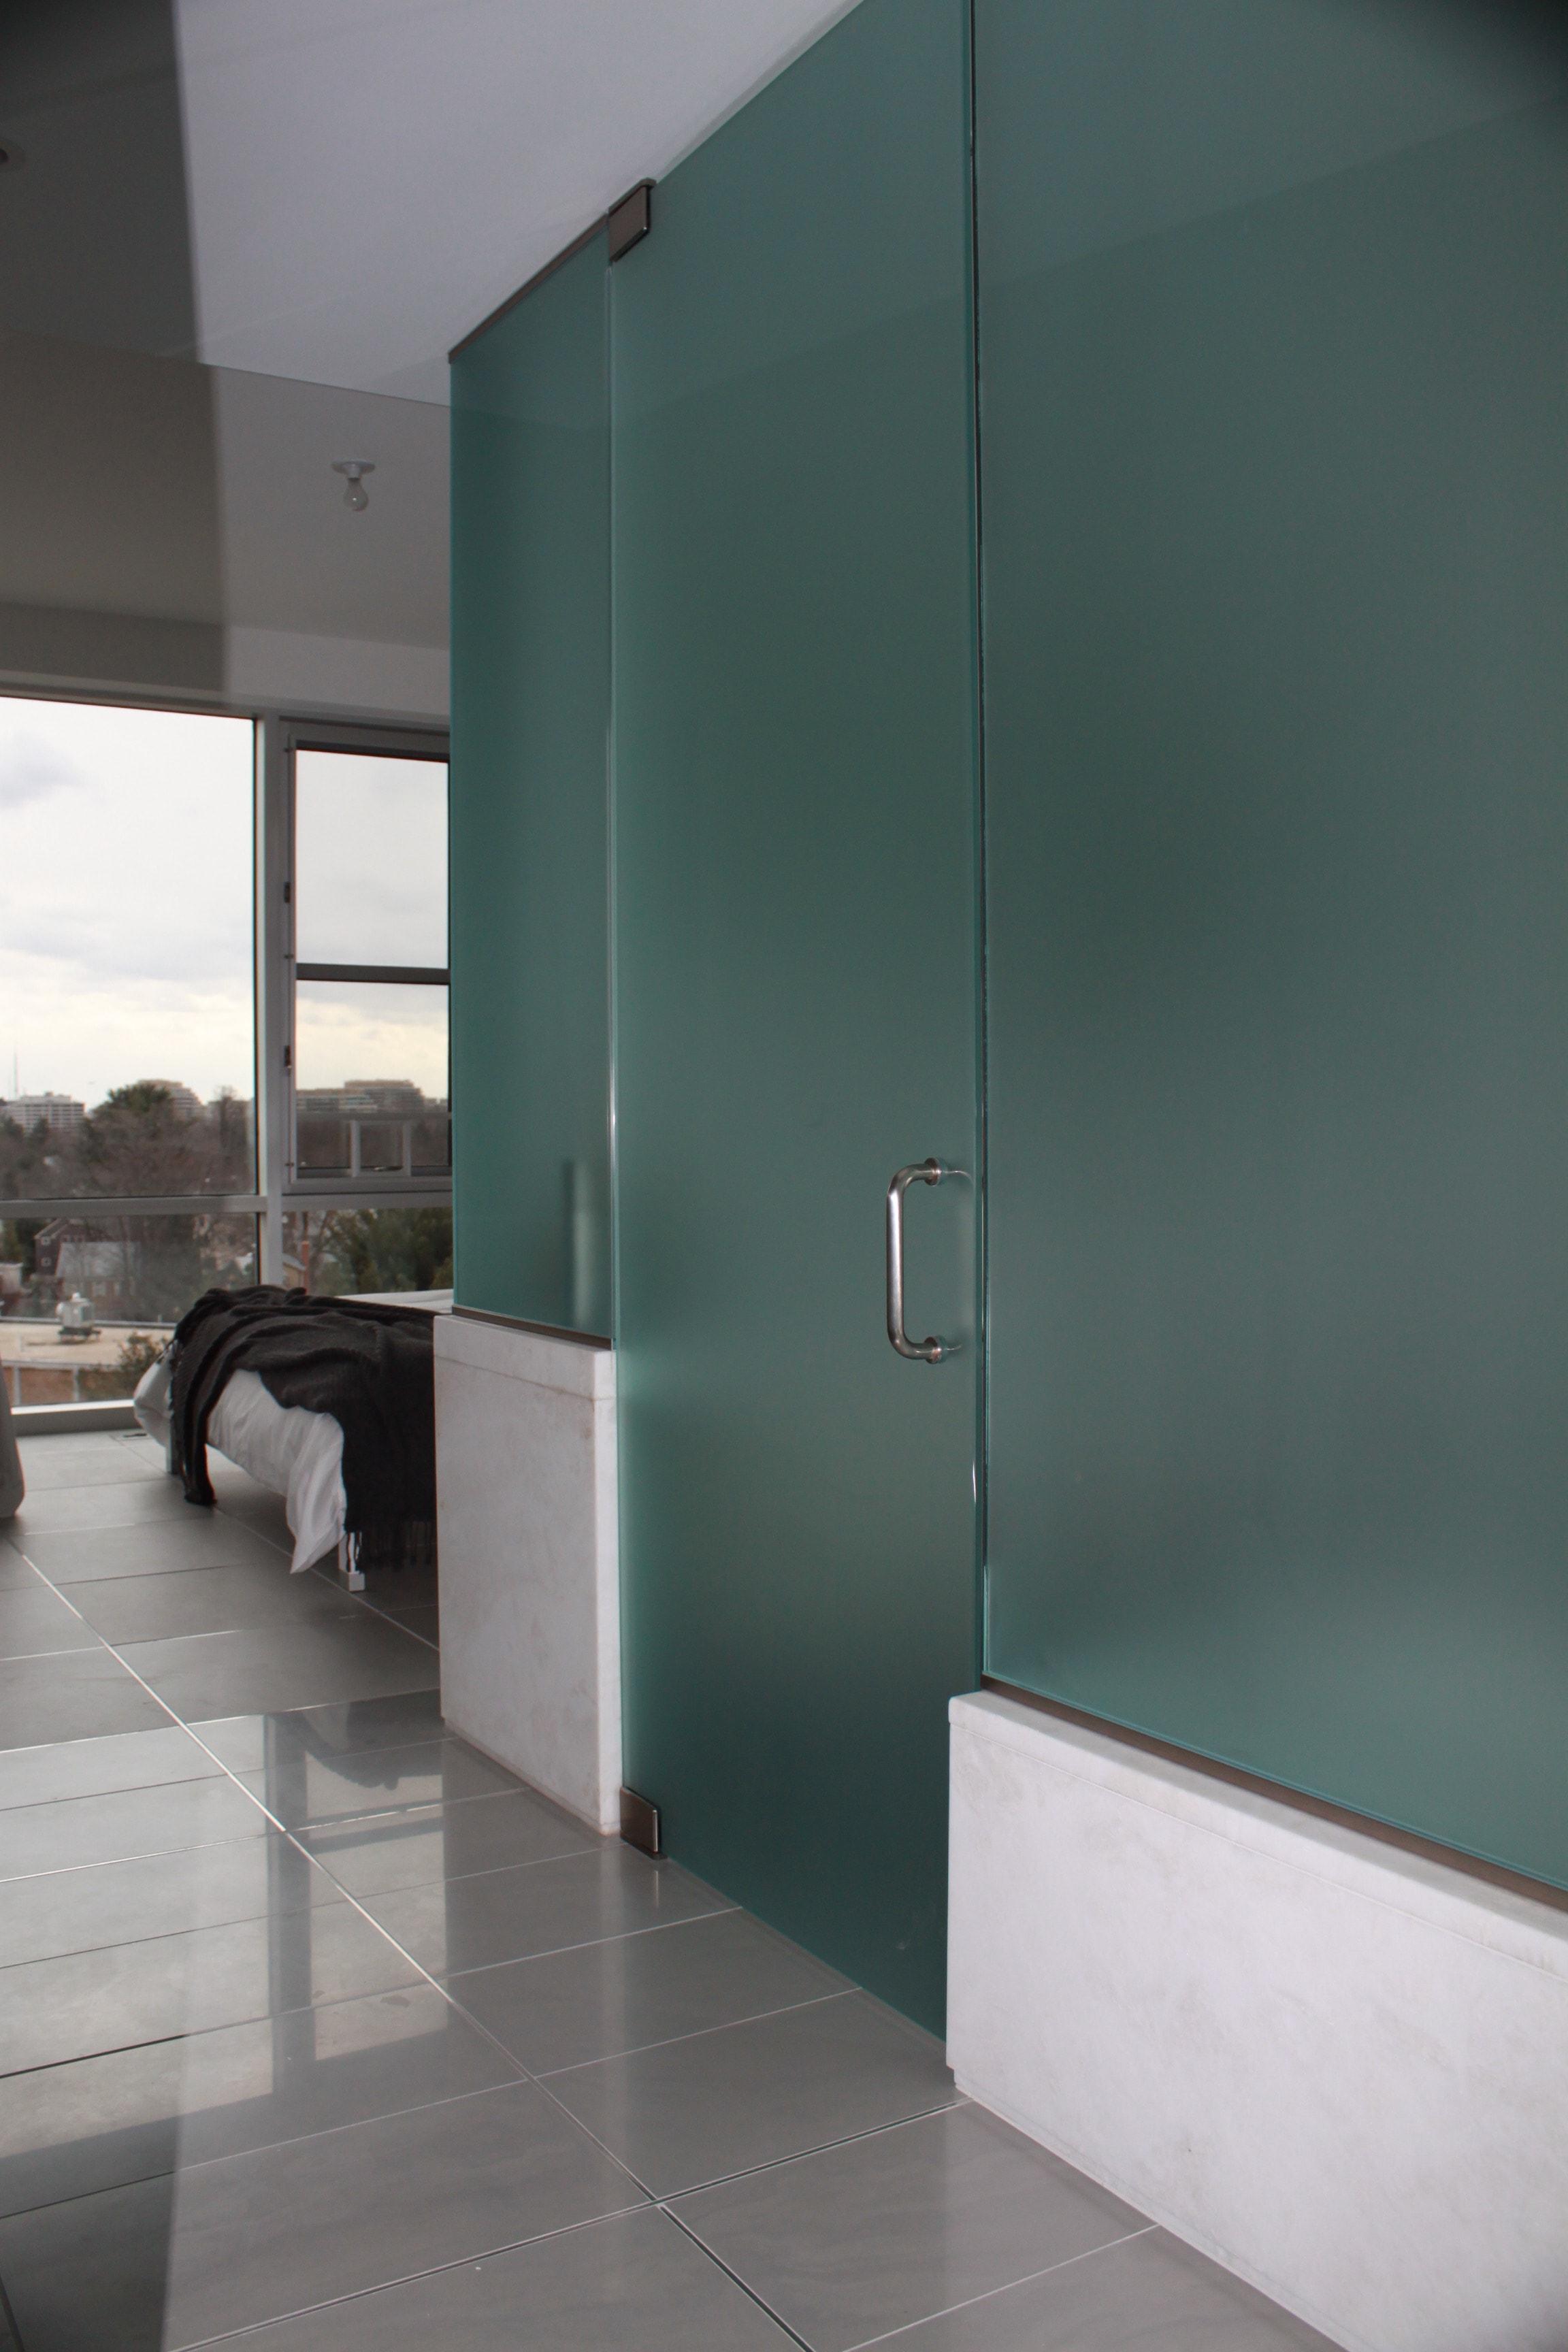 Bathroom Enclosure & Entry Door 2-min